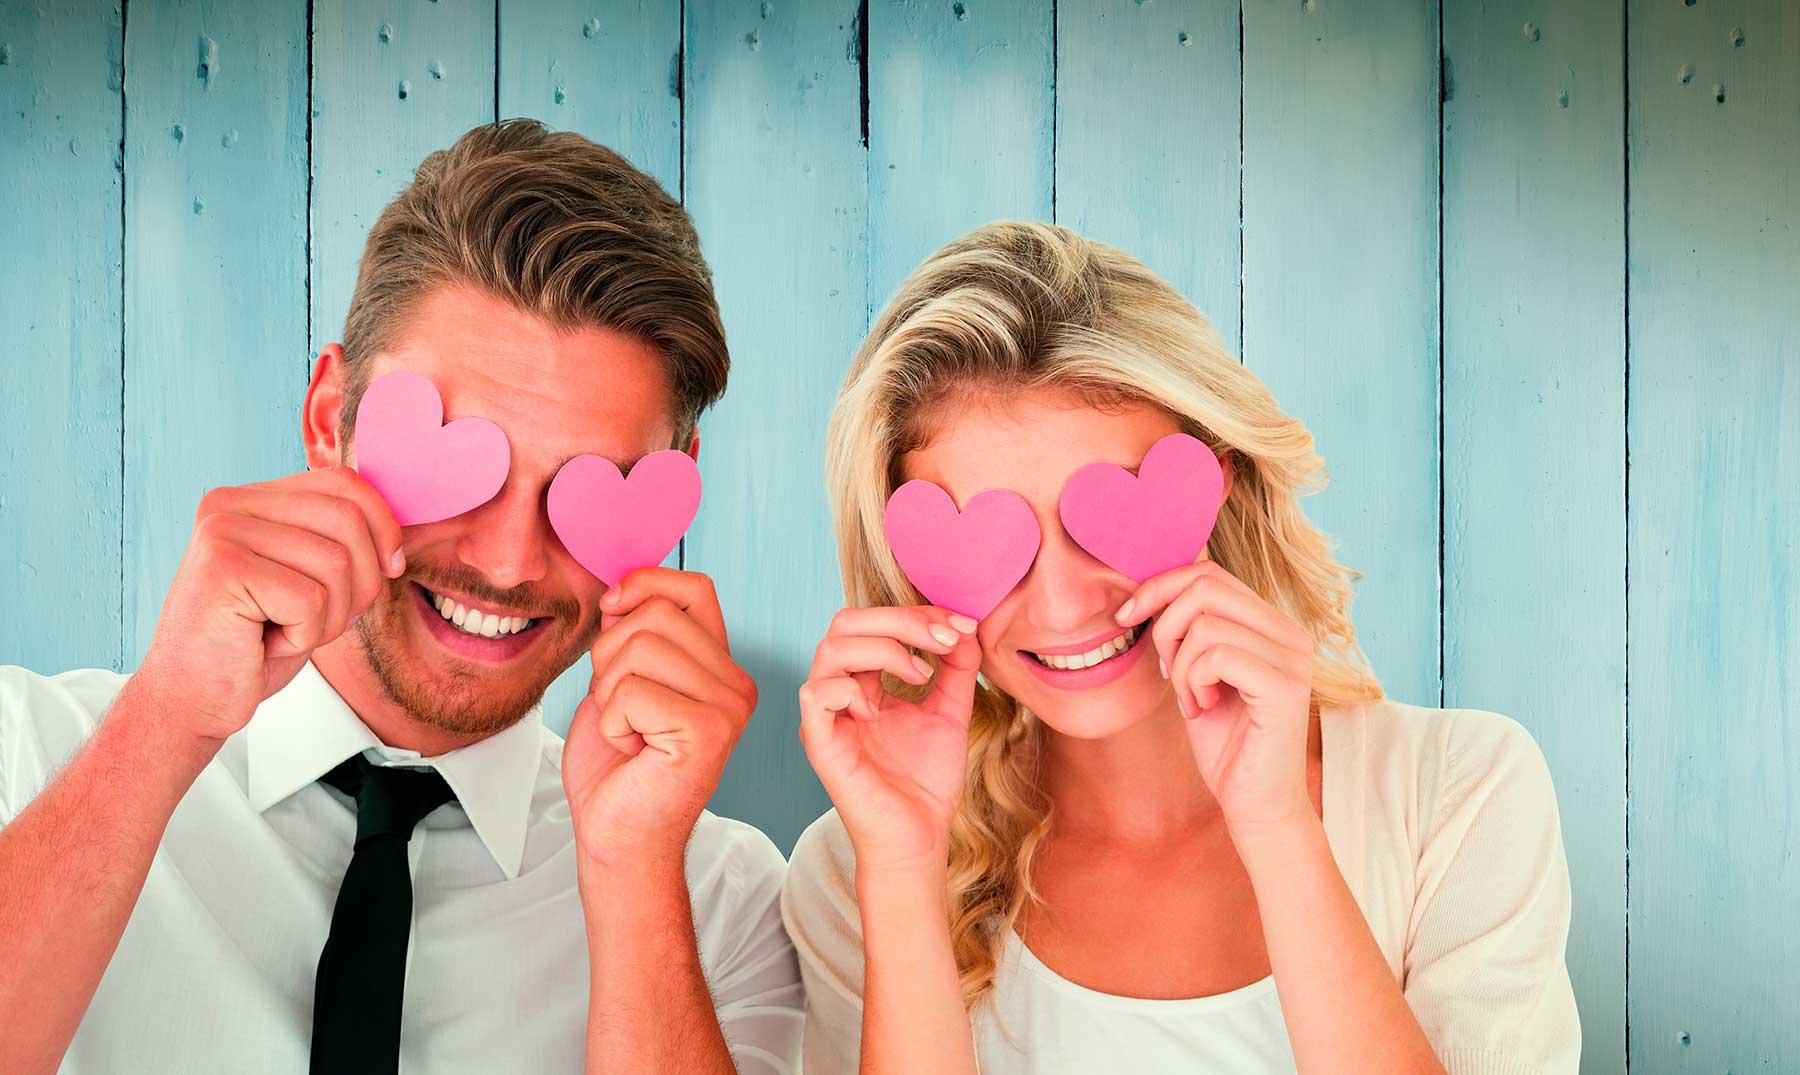 30 frases para novios que quieren demostrar su amor